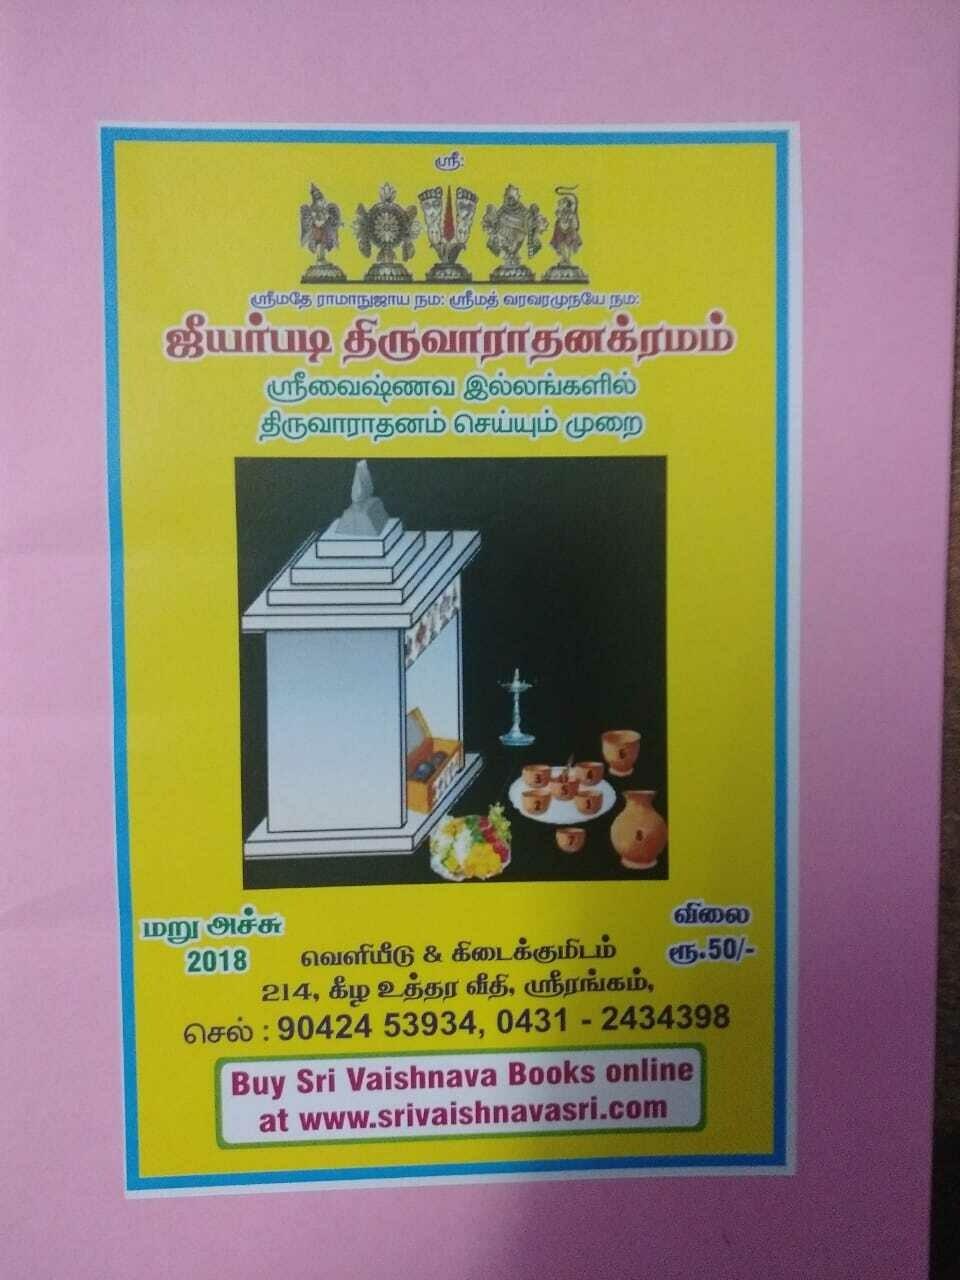 ஜீயர்படி திருவாராதன க்ரமம்  Jeeyarpadi Thiruvaradhana kramam